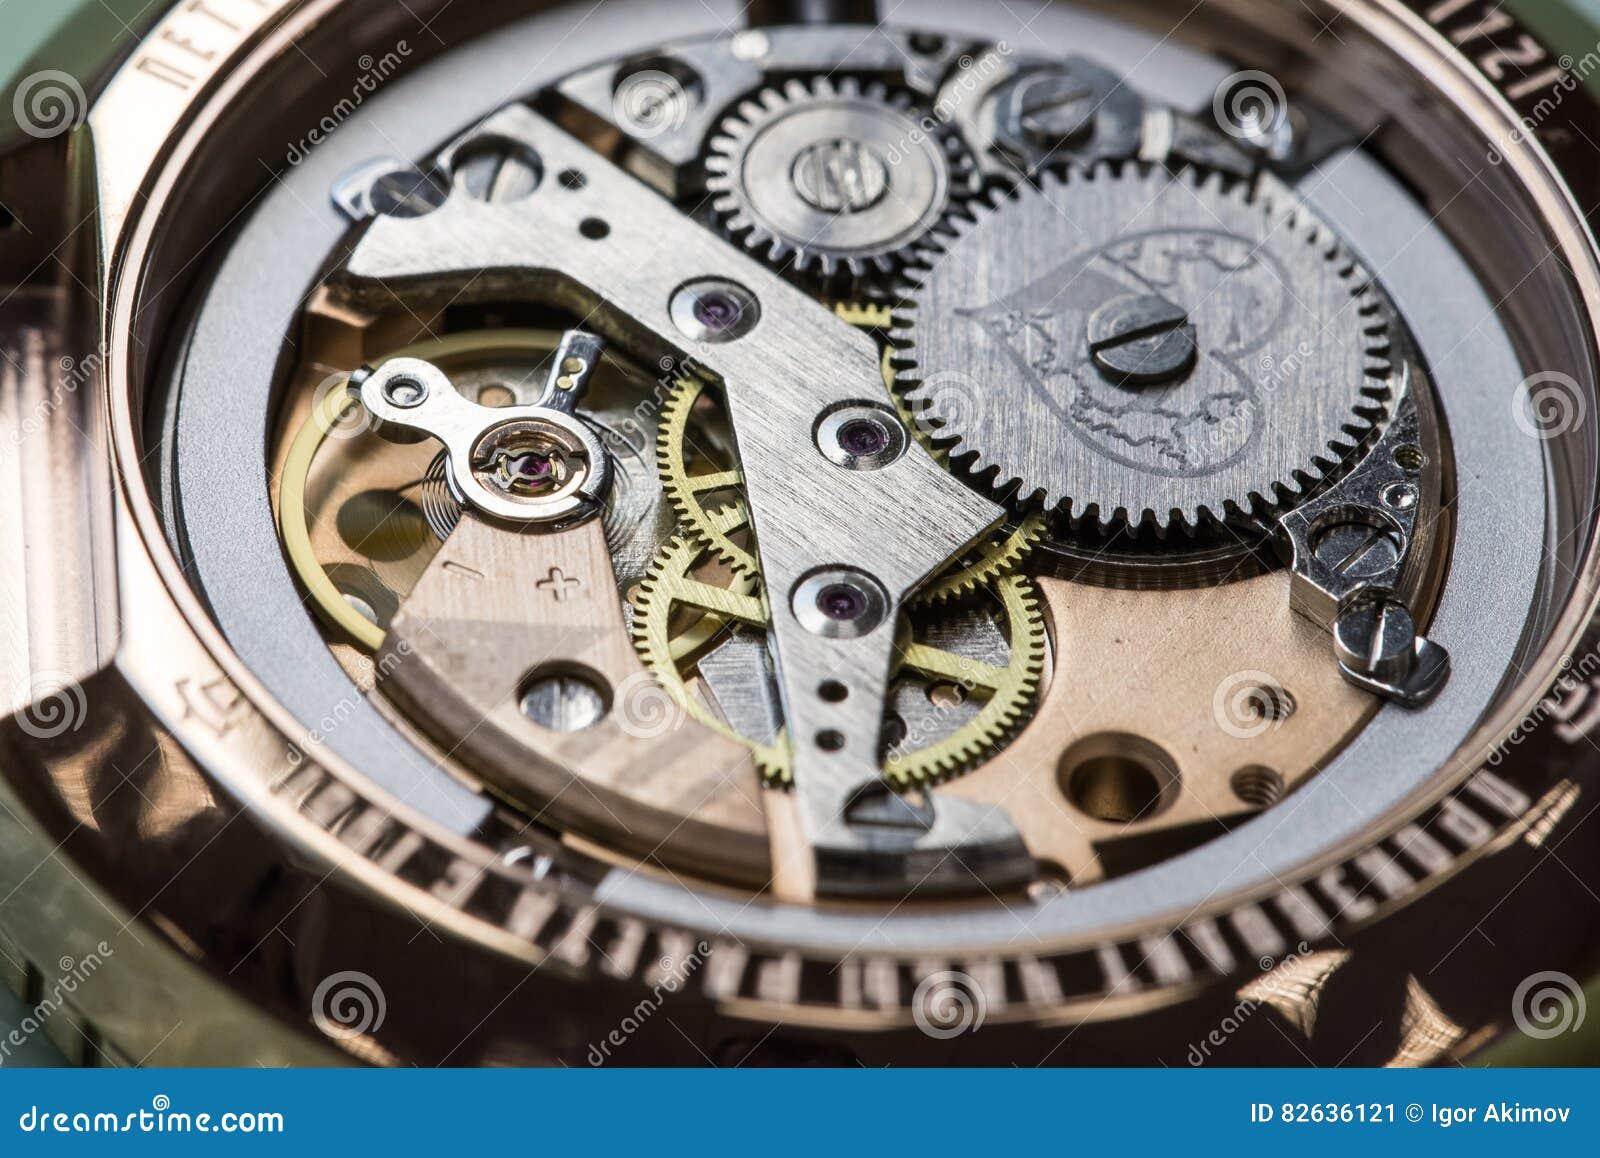 nuovi arrivi a1d97 a1425 Montaggio Dell'orologio Meccanico Fotografia Editoriale ...